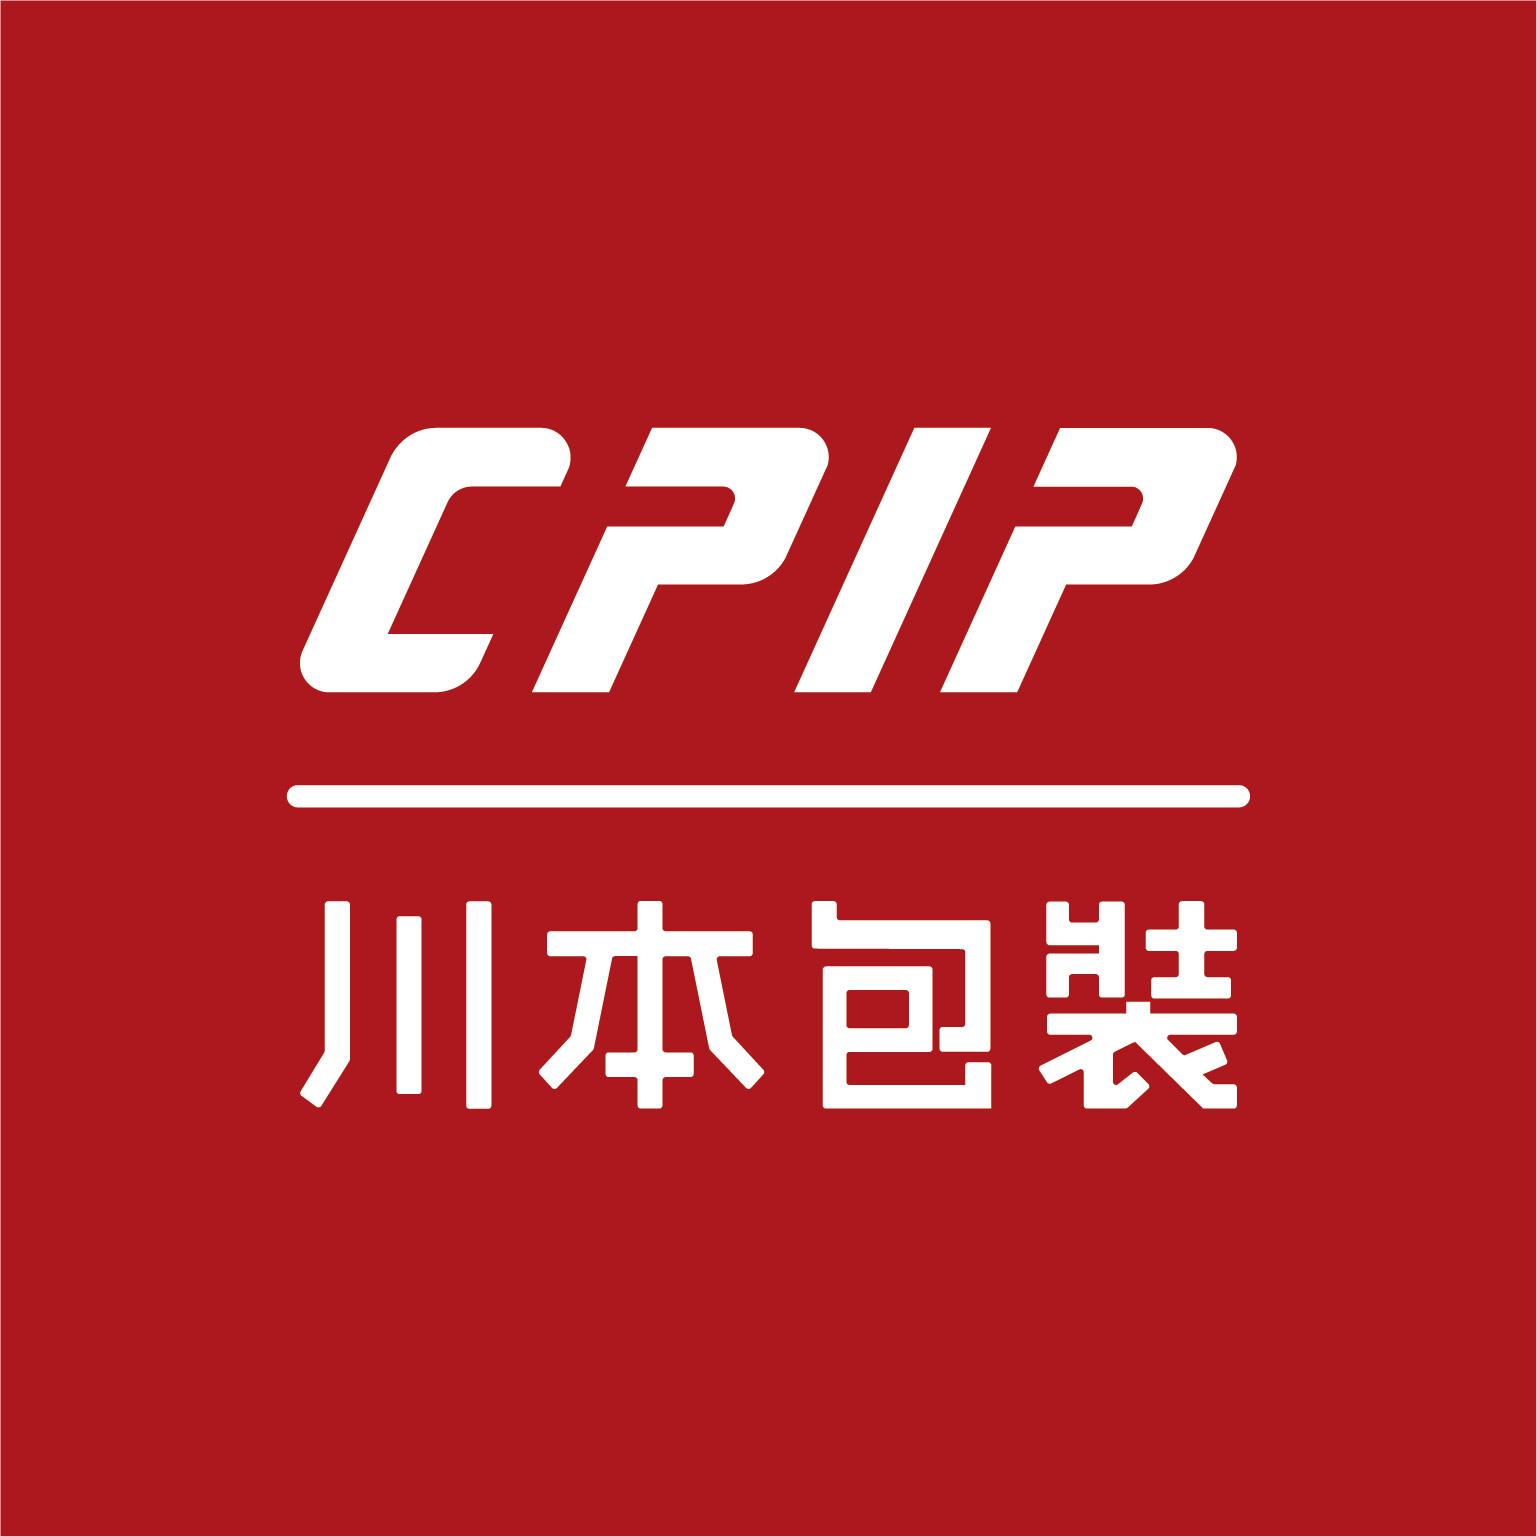 川本國際包裝有限公司